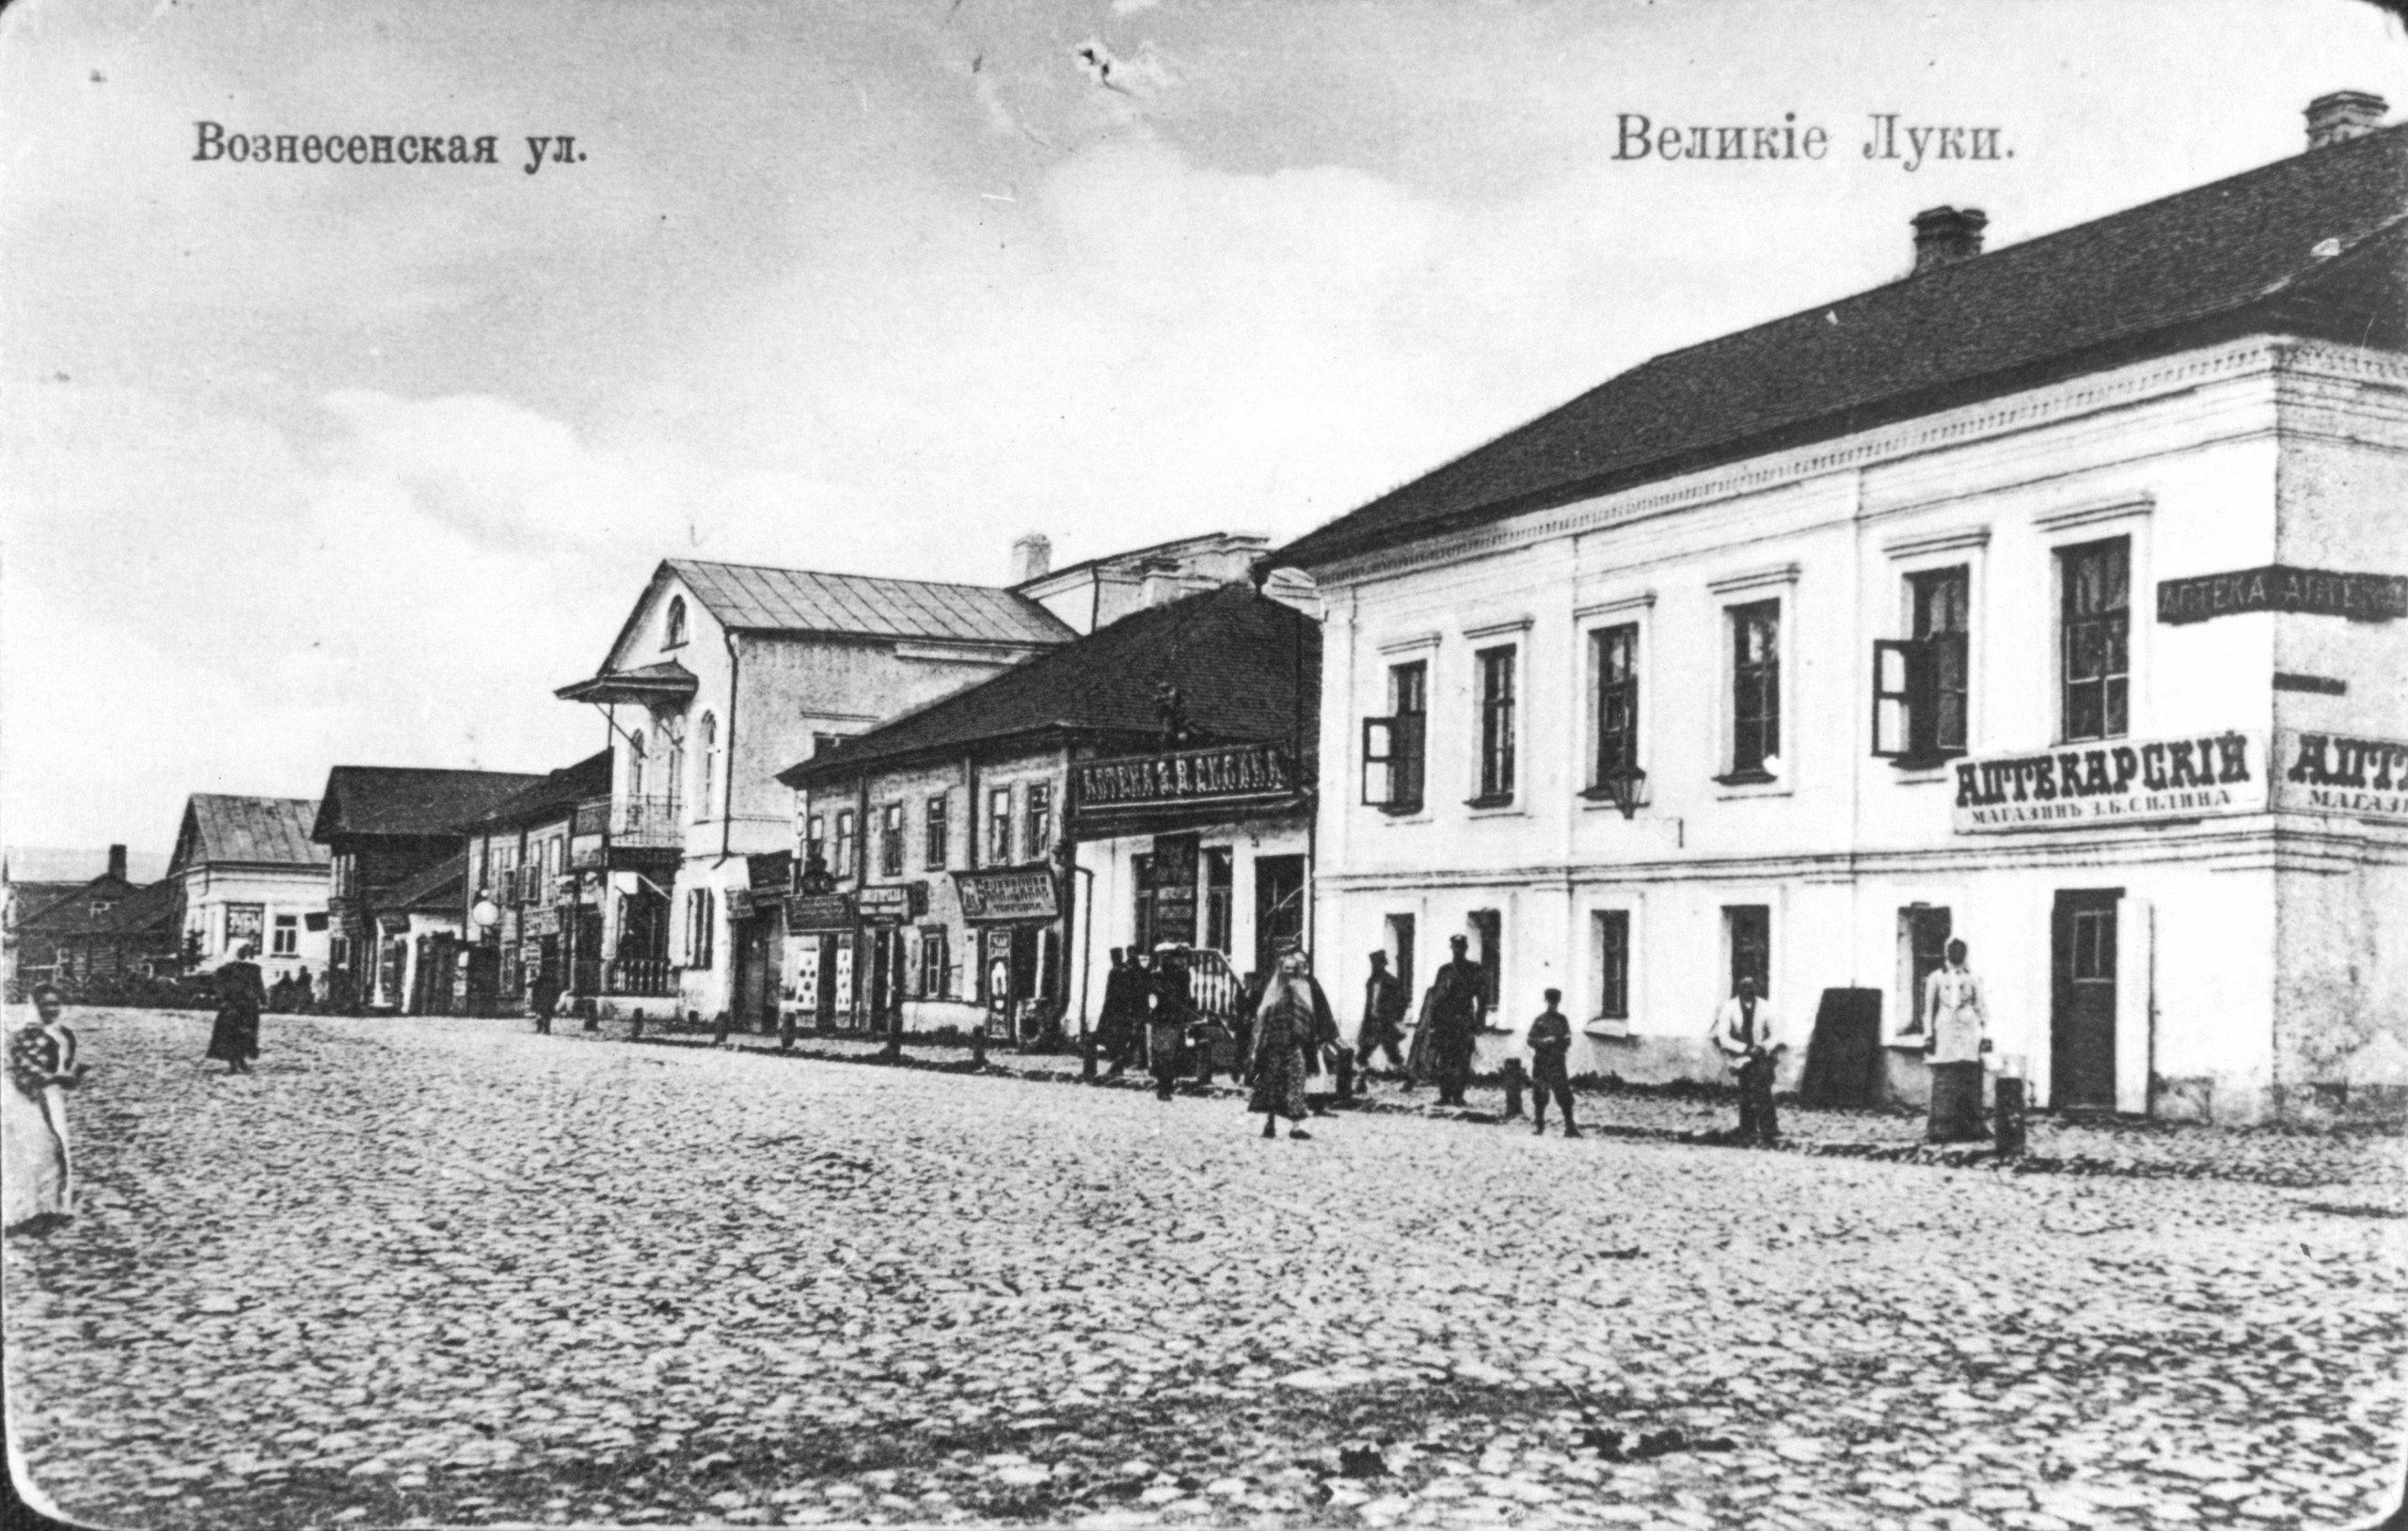 Вознесенская улица